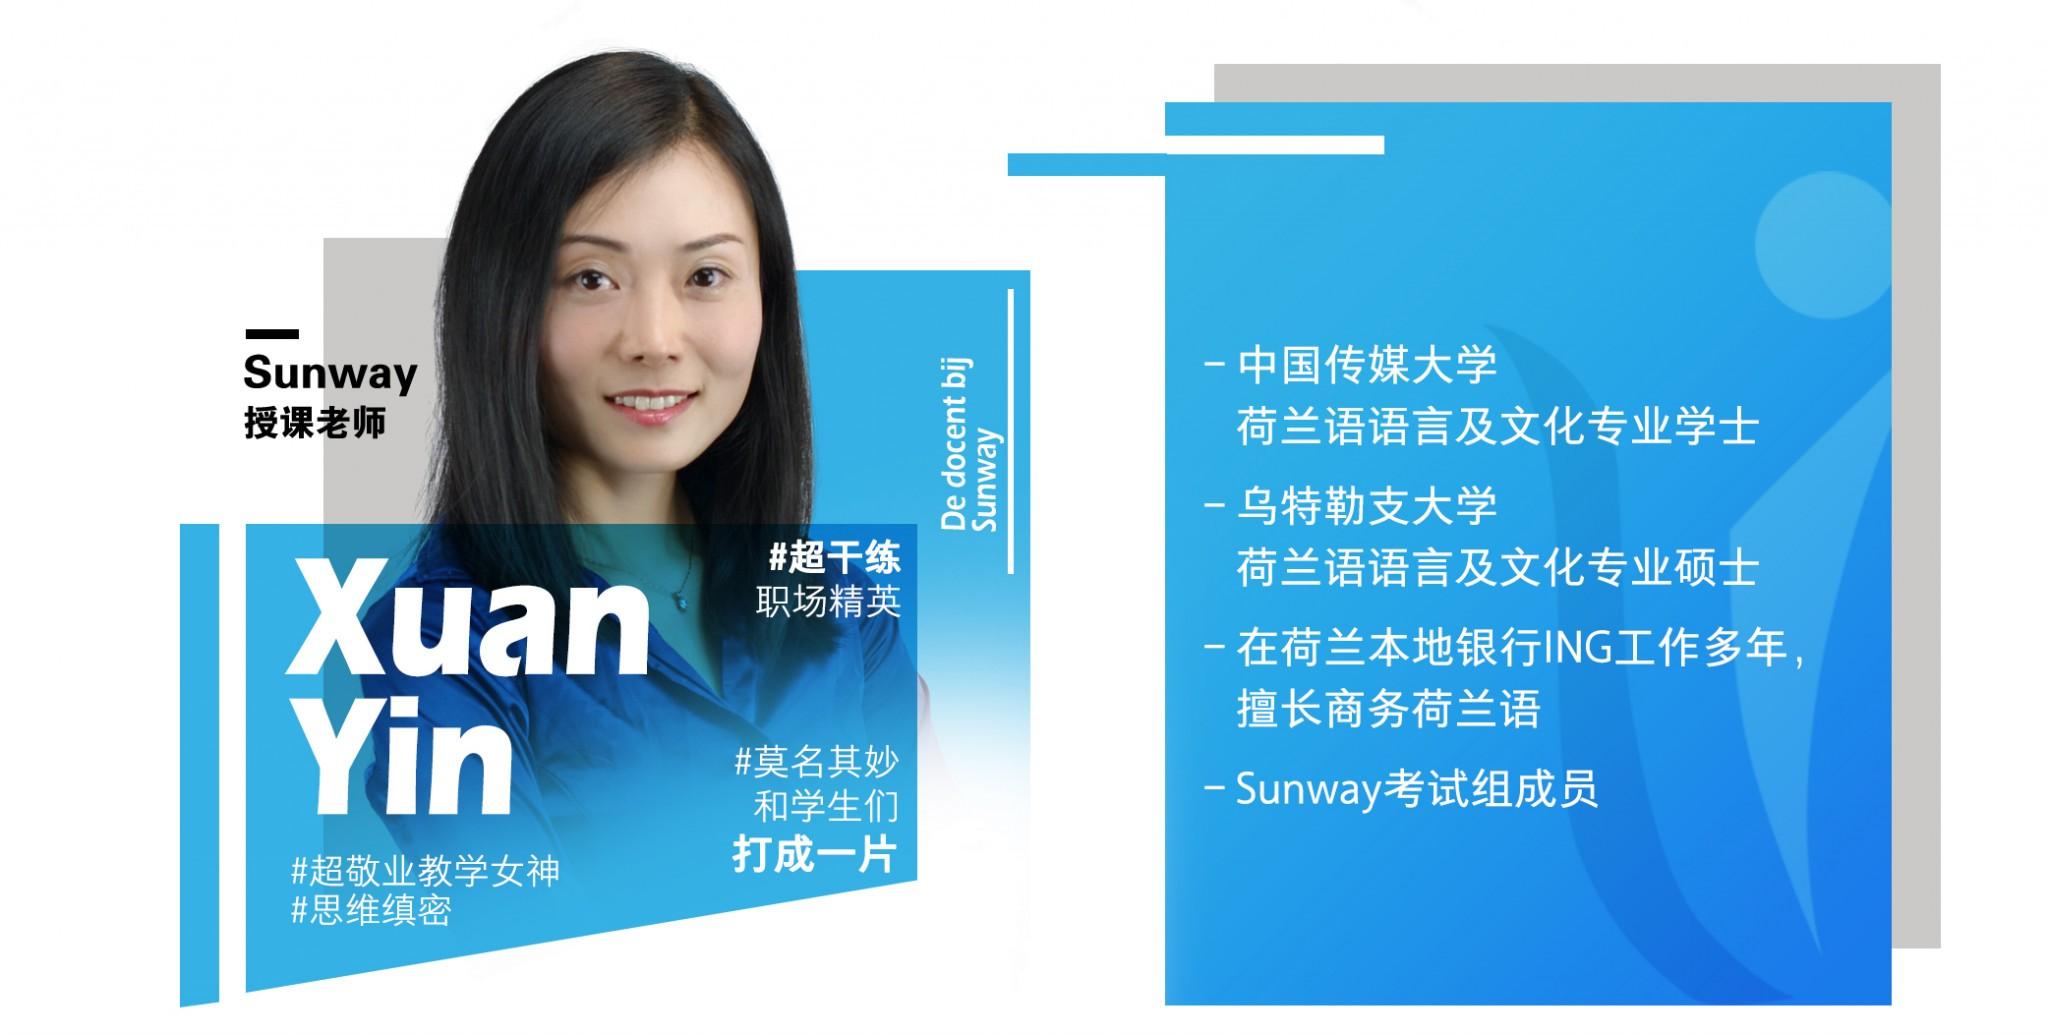 Xuan Yin